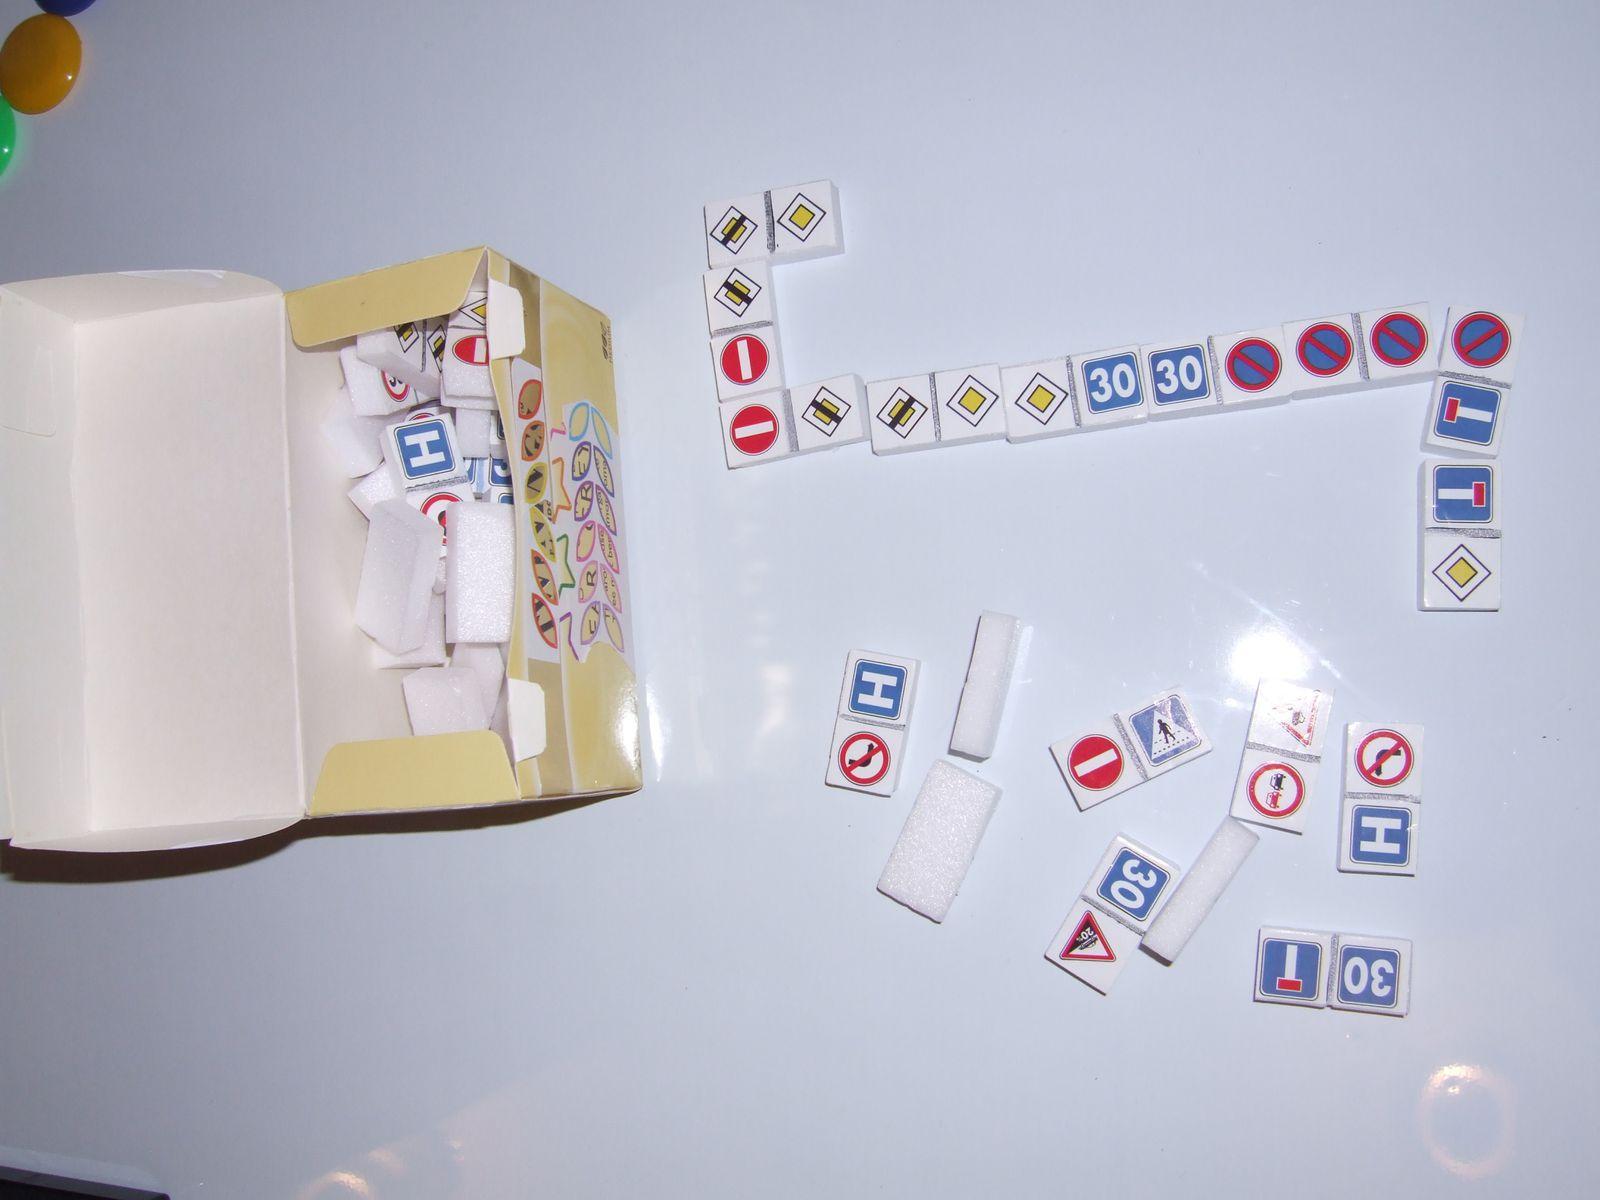 Apprendre à jouer aux dominos en utilisant les objets favoris et &quot&#x3B;obsessionnels&quot&#x3B;s